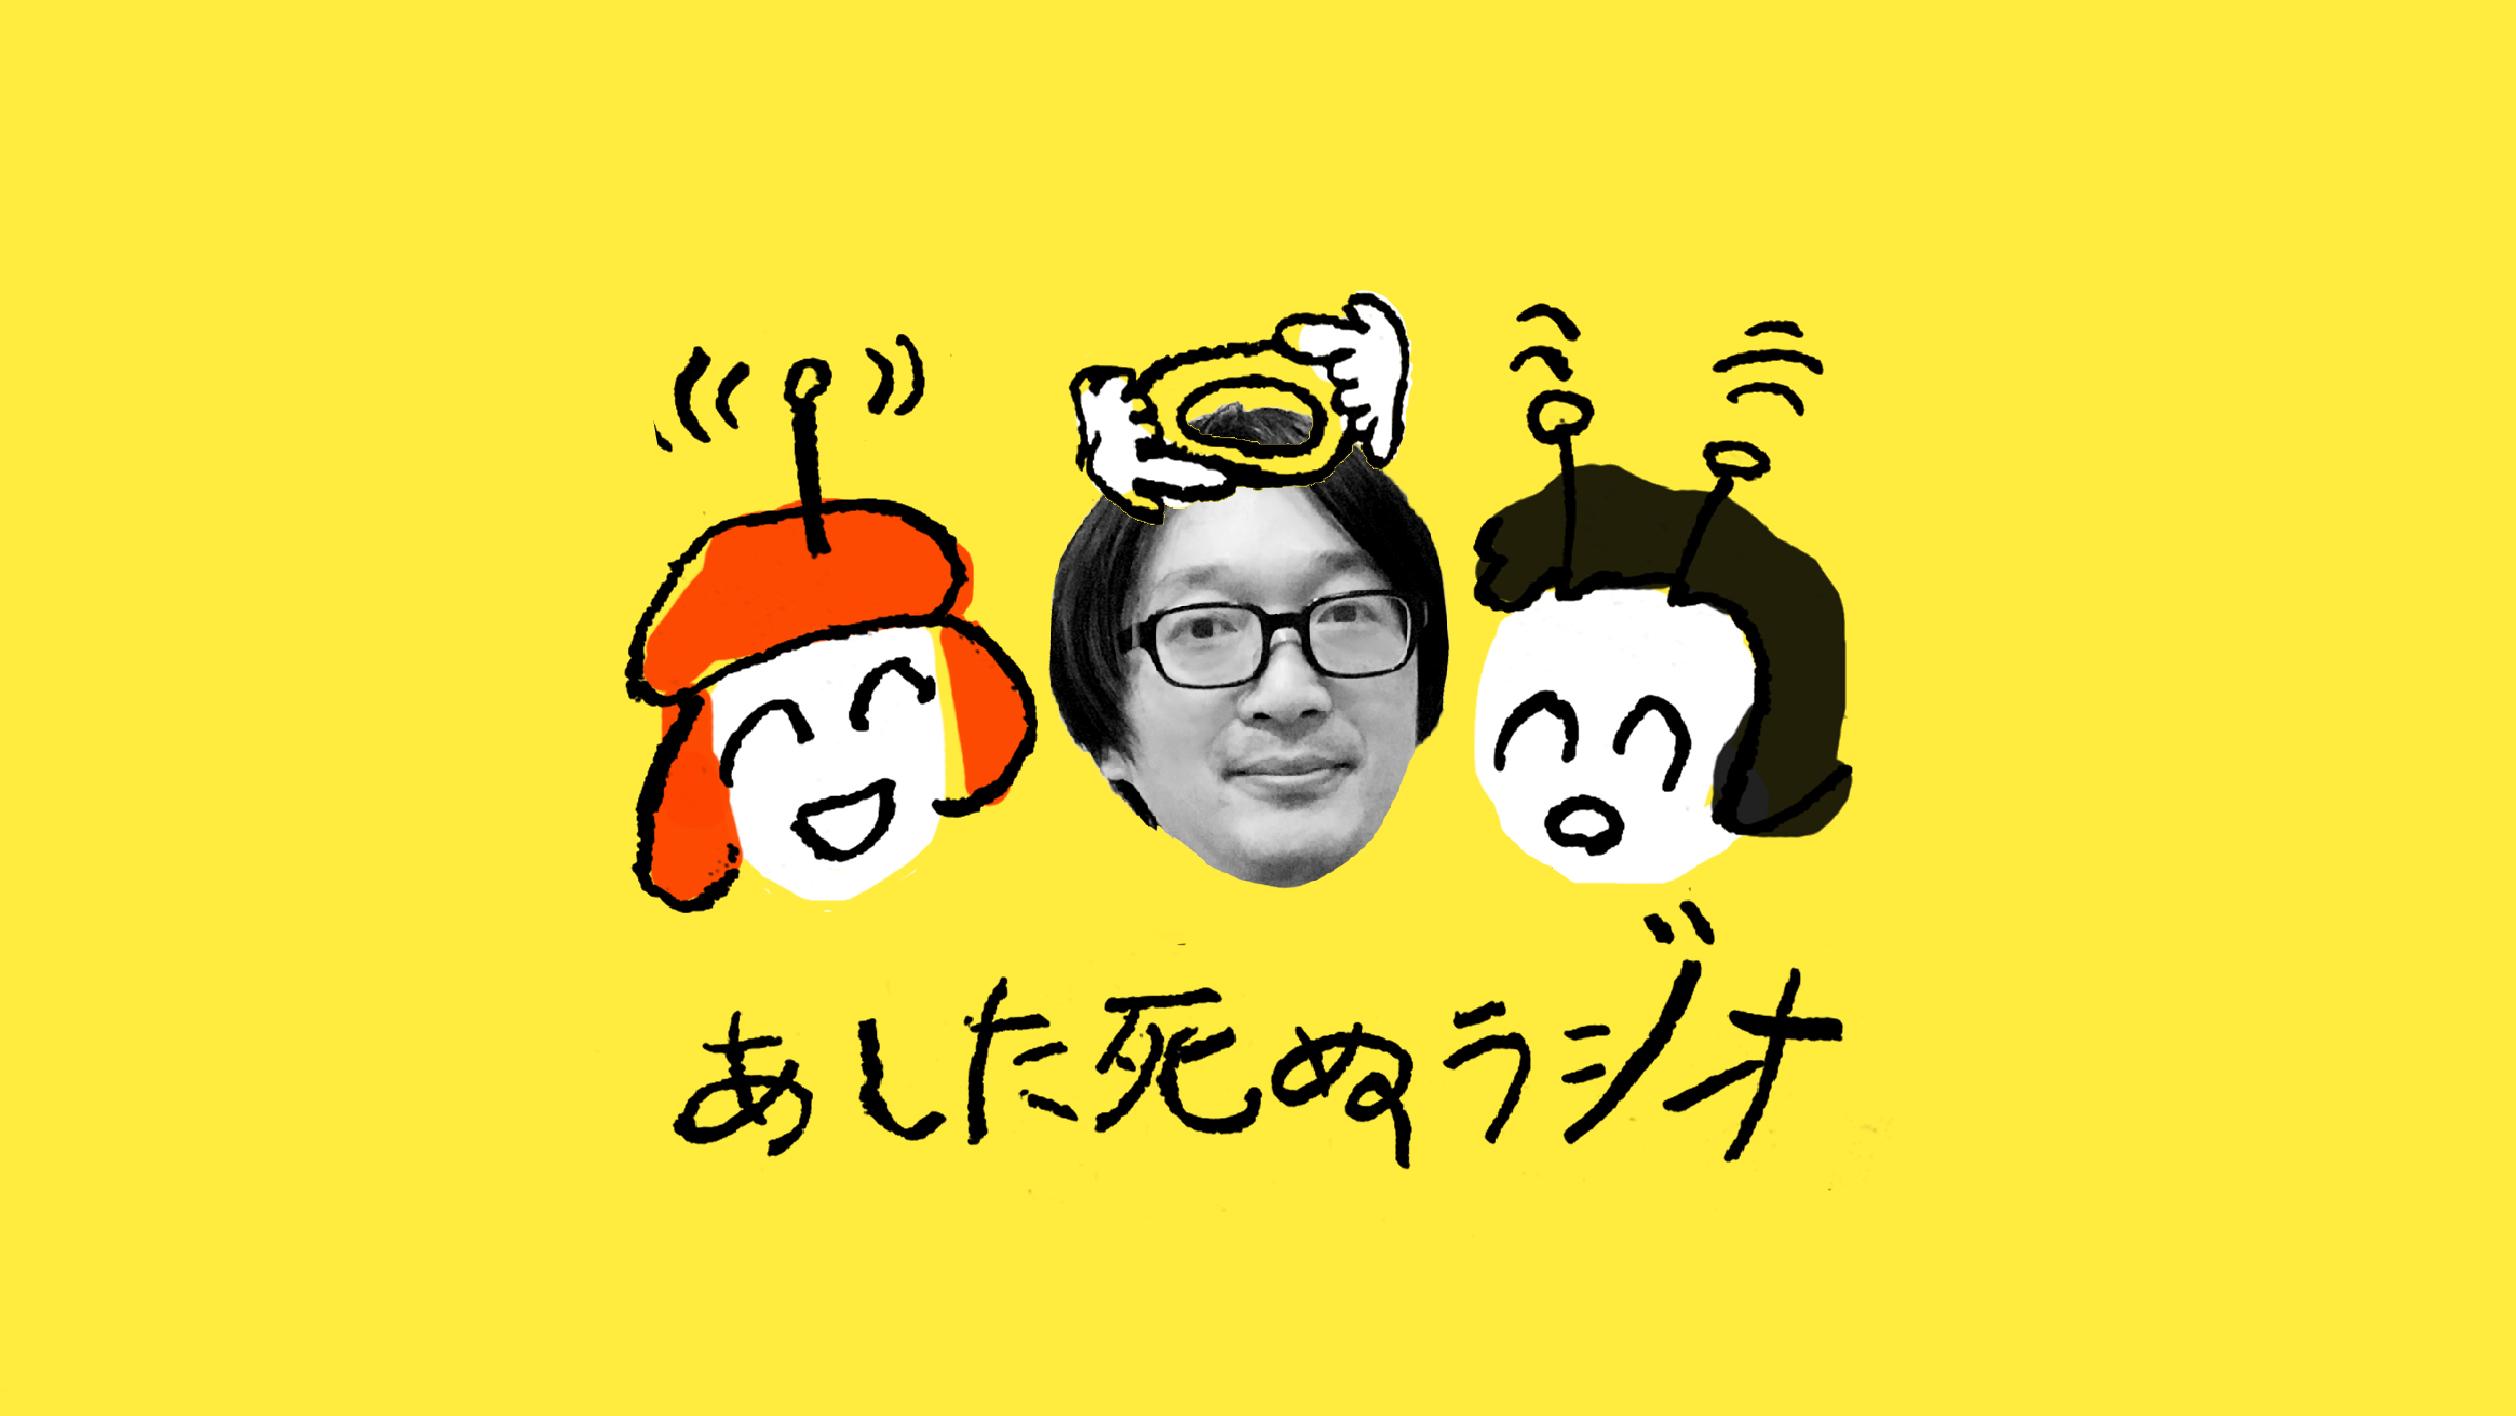 【あした死ぬラジオ】第3回「タカ・タカアキ」